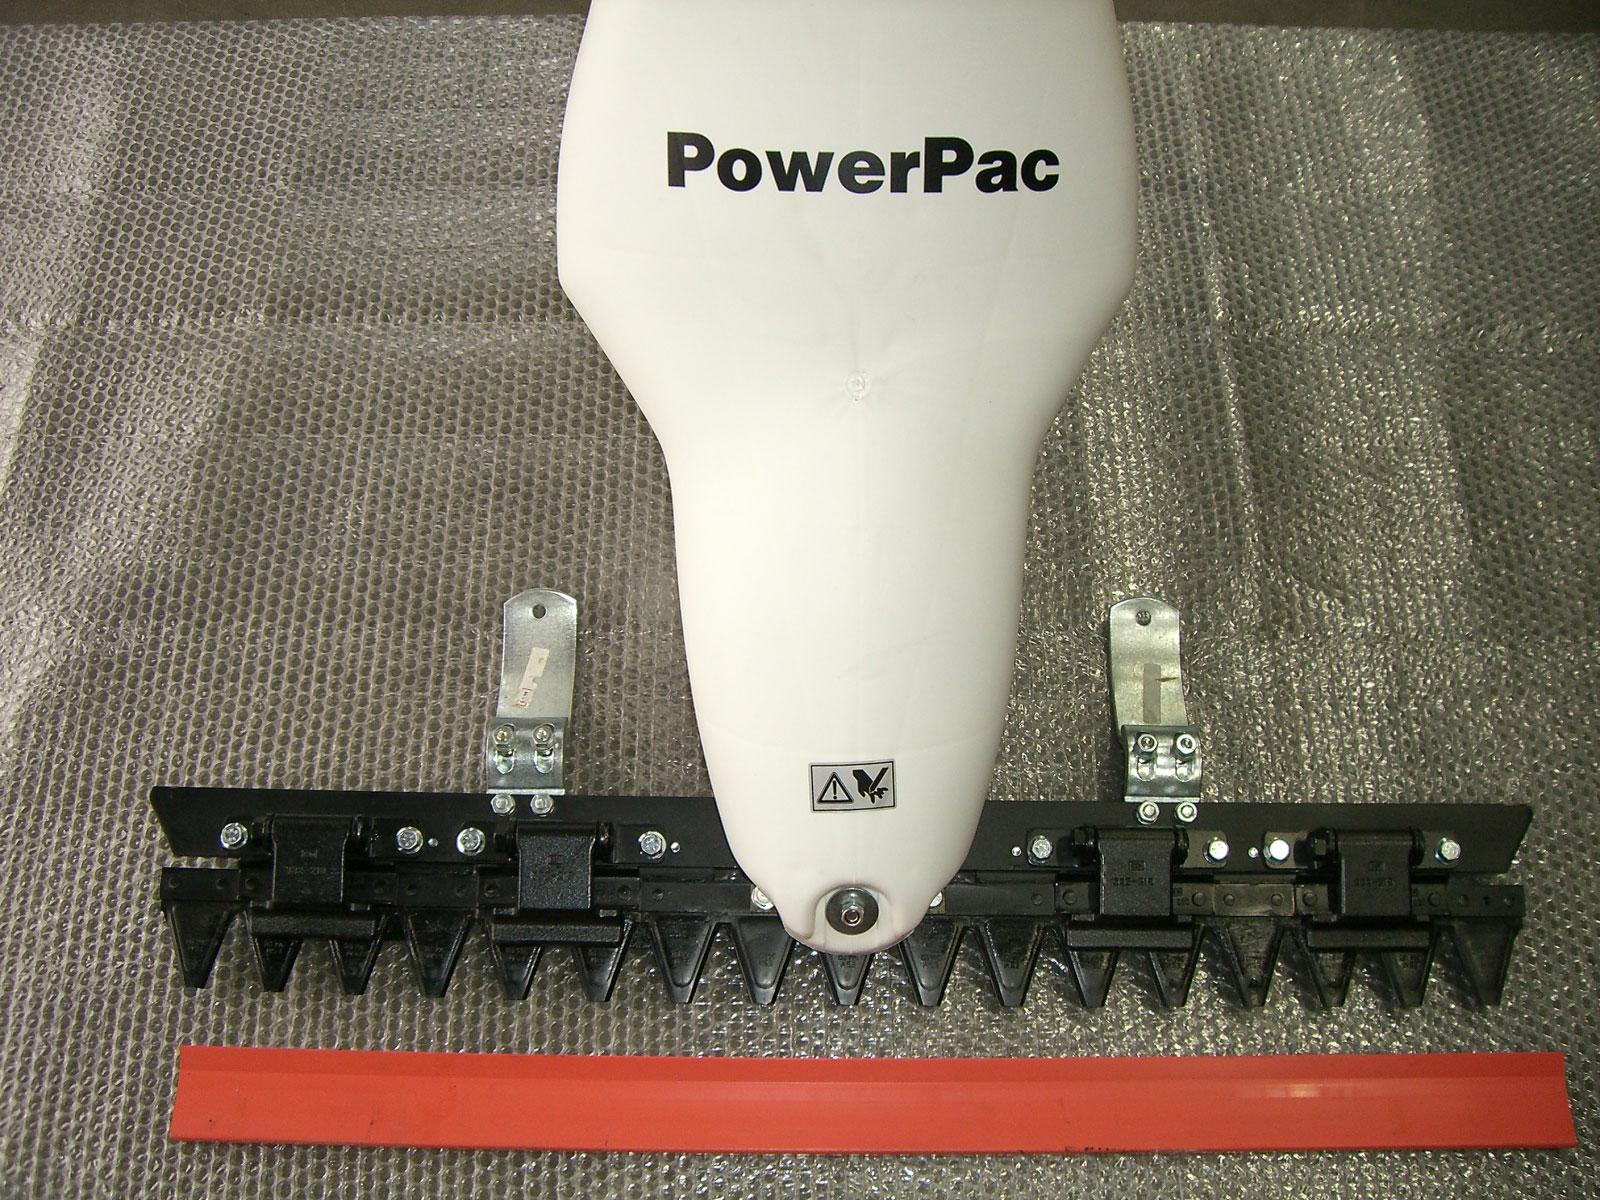 Powerpac Mähbalken 85cm für Basismodul MK 85 Bild 1